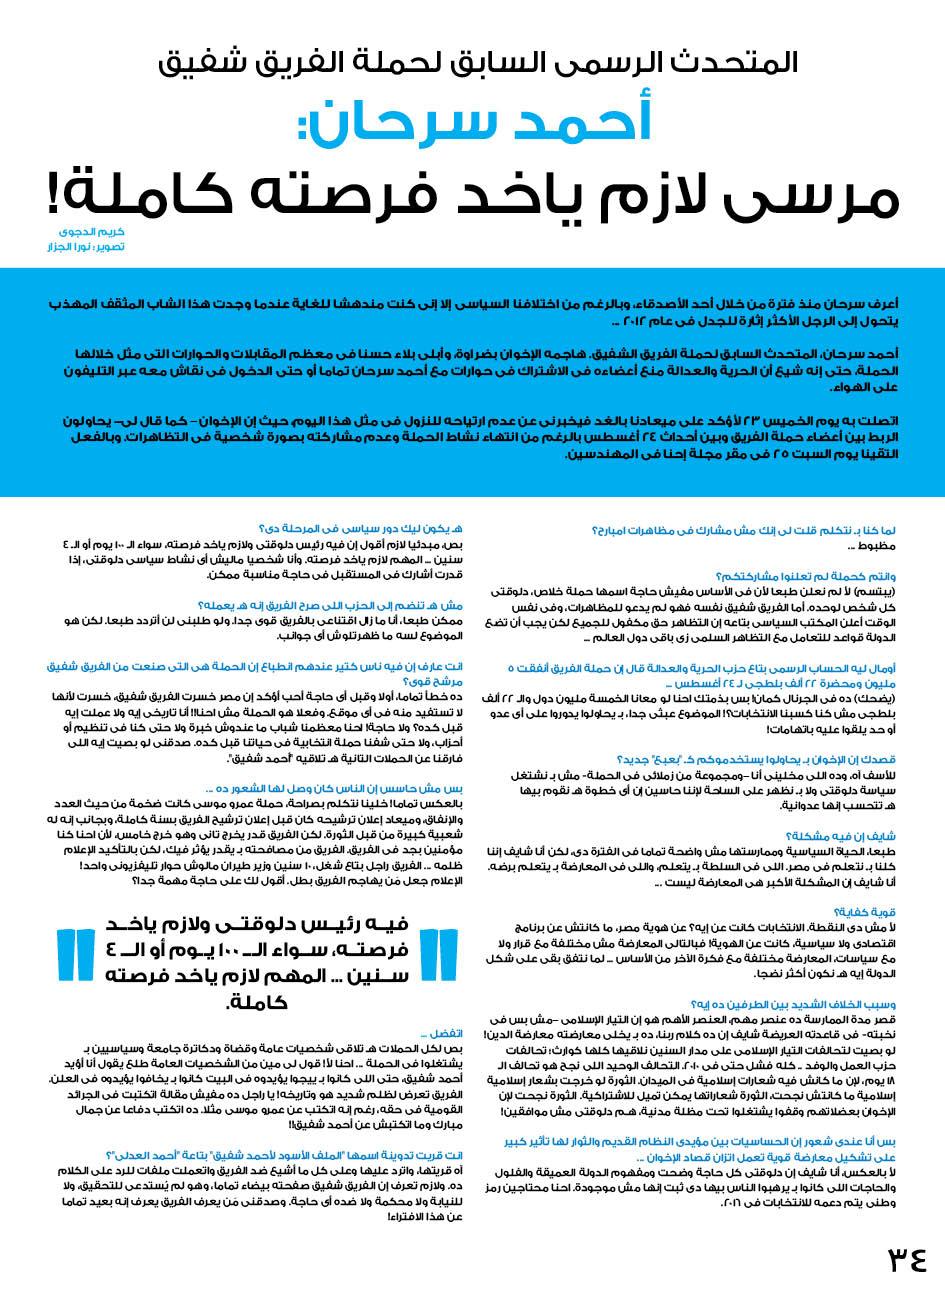 a291b4a02 حبس وزير الإعلام - عبدالرحمن الراشد | .